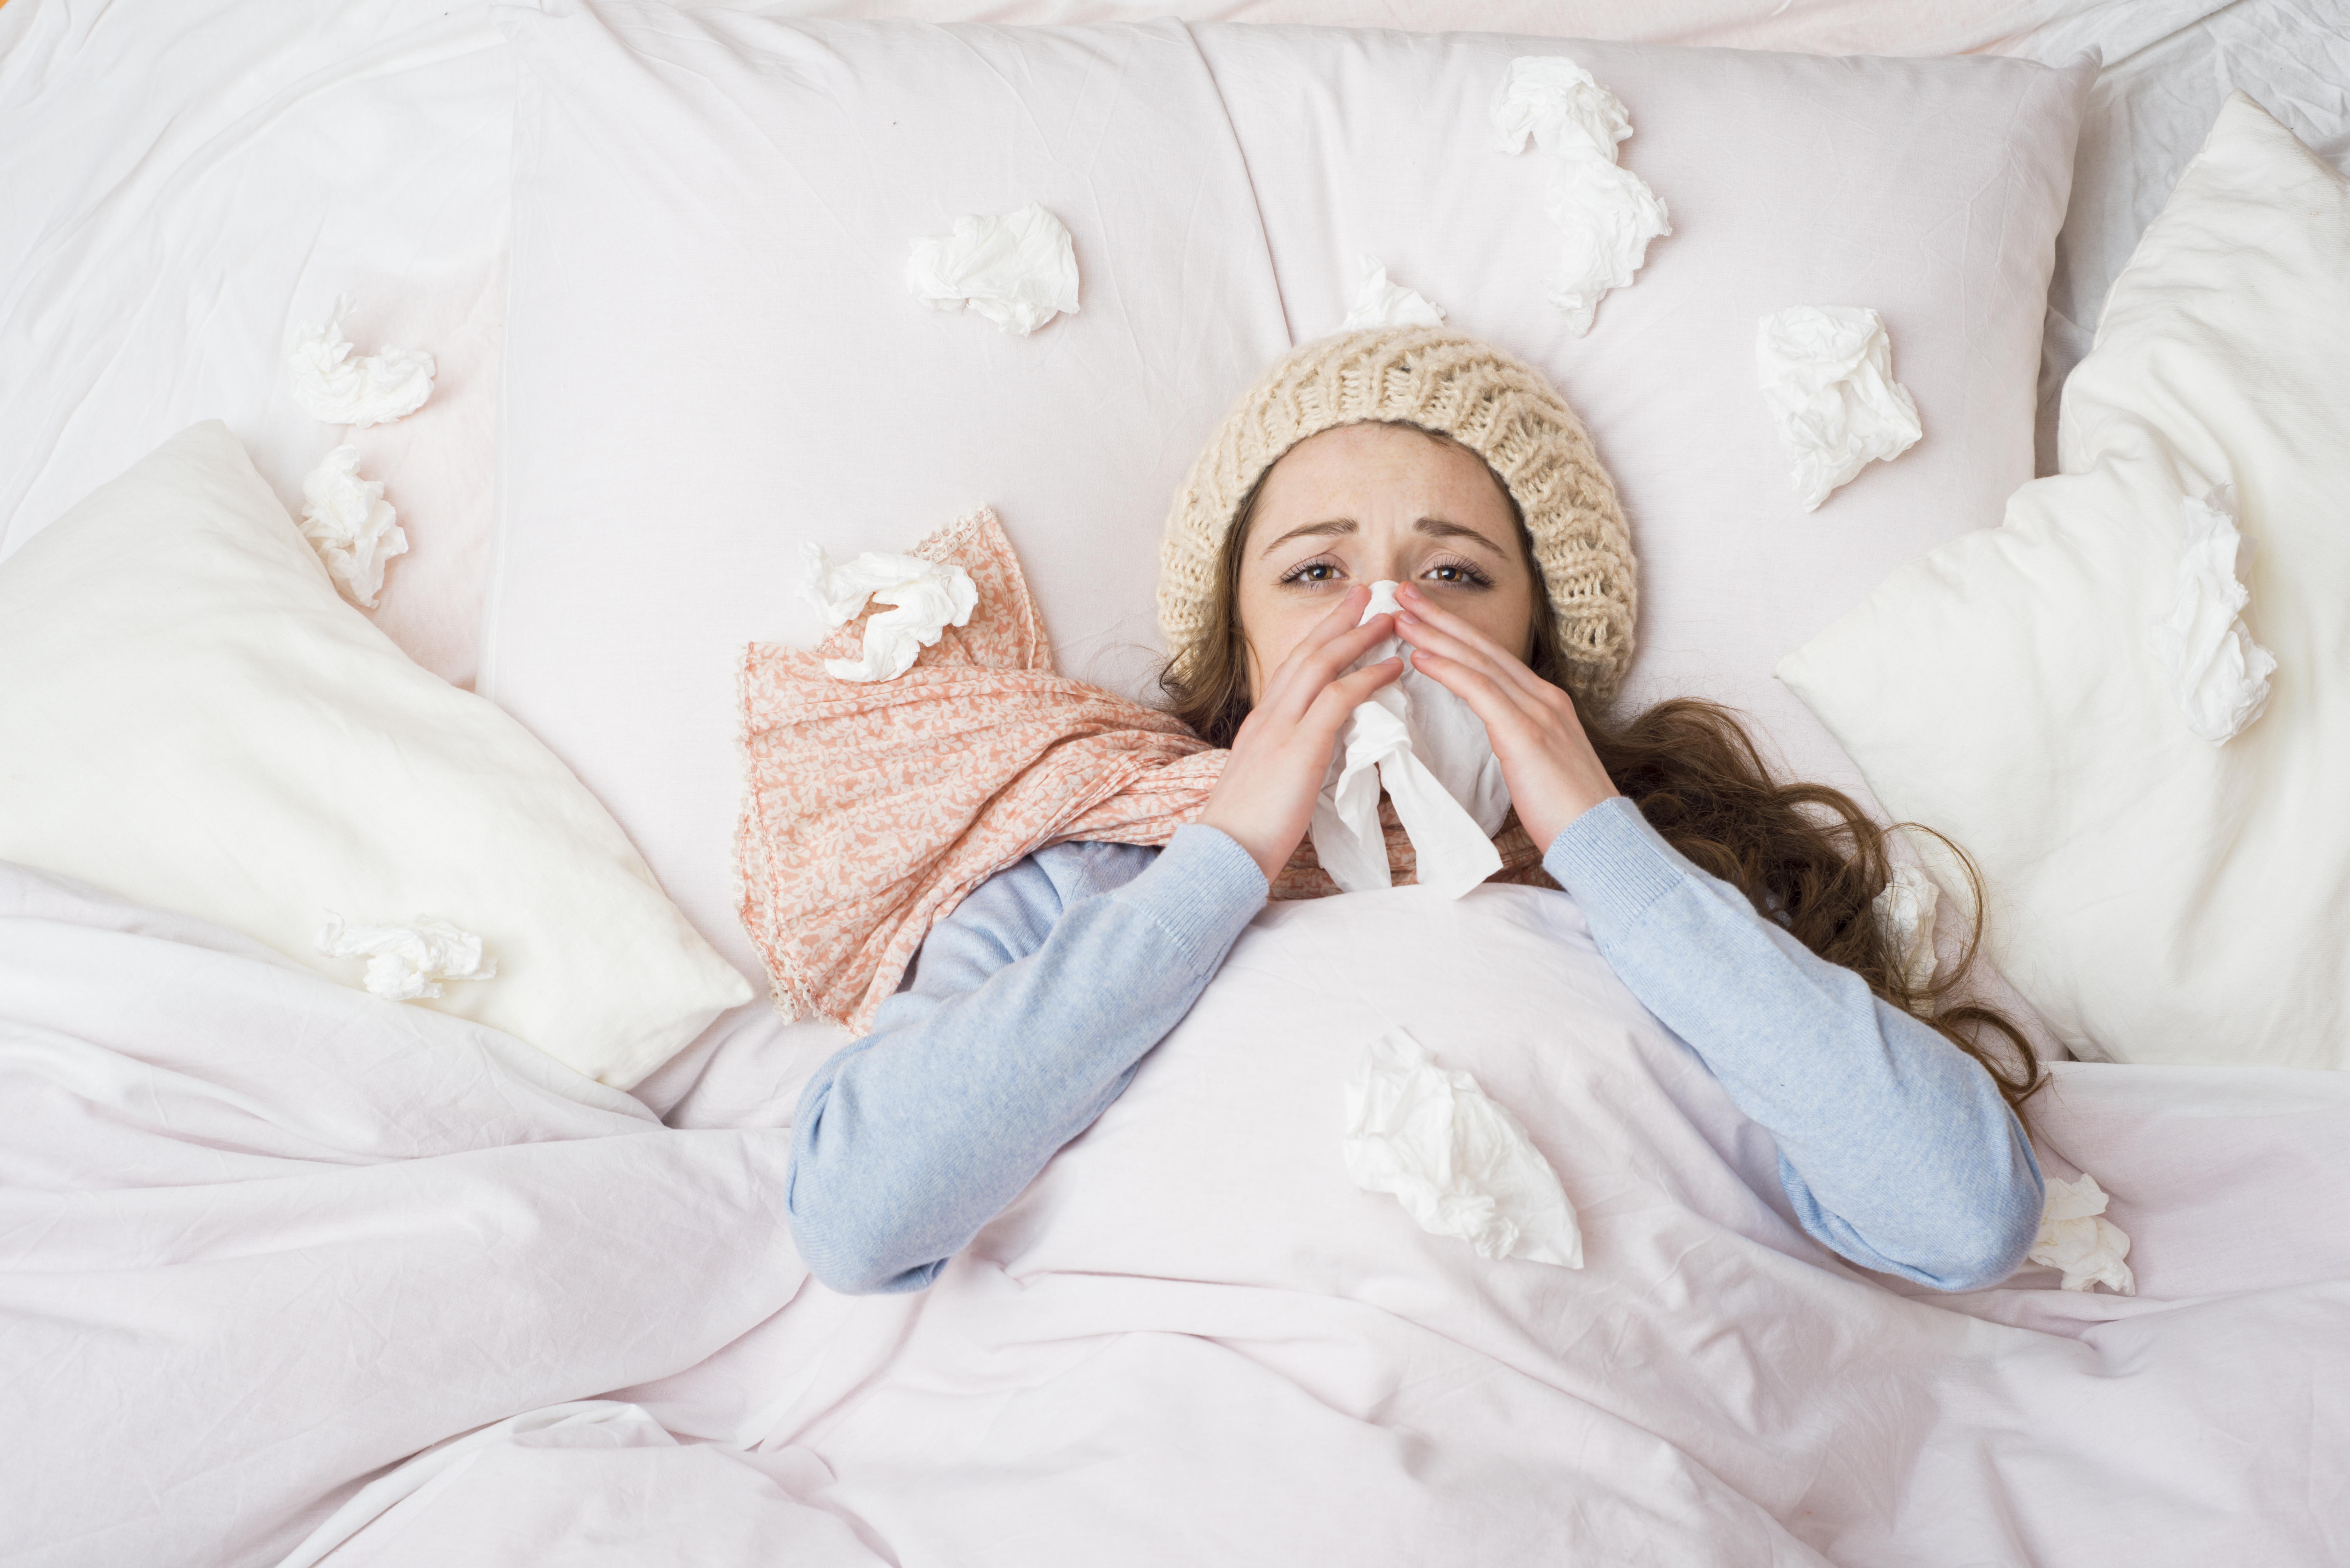 les maux de l hiver adopter les bons r flexes pour ne pas tomber malade sant pratique paris. Black Bedroom Furniture Sets. Home Design Ideas